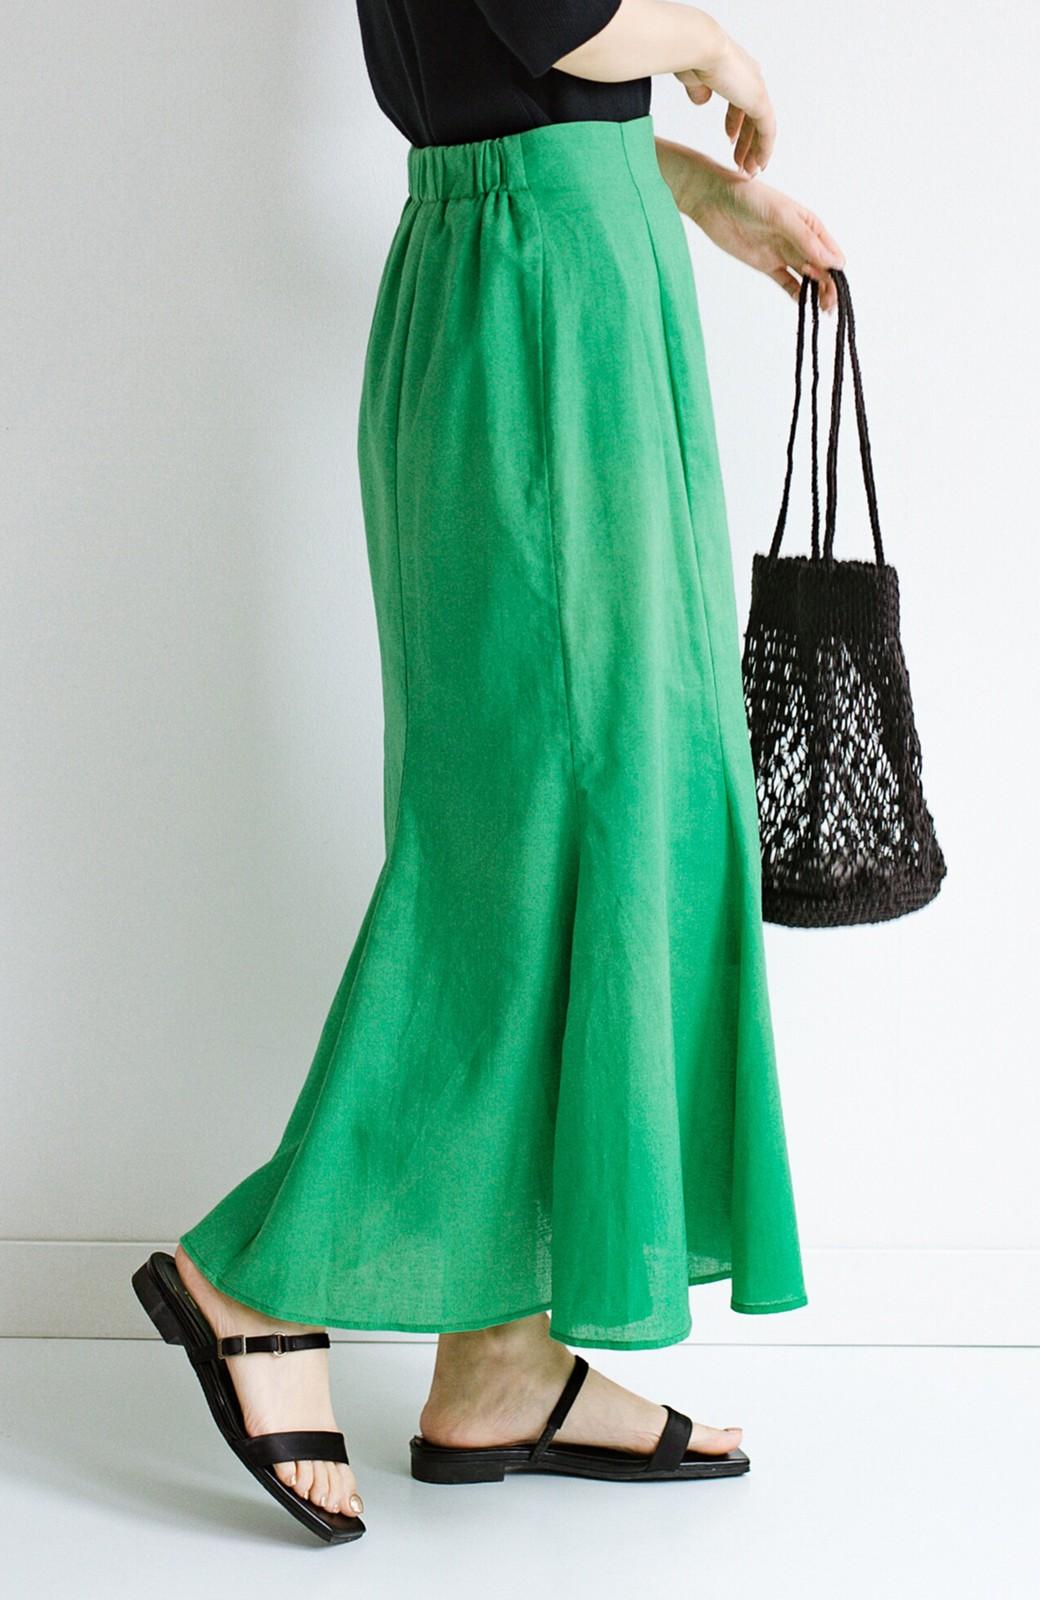 haco! 時間のない朝にもパッと出かけられる!元気が出るきれい色スカートにちょうどいいロゴTシャツを合わせておいた作り置きコーデセット by que made me <その他>の商品写真15